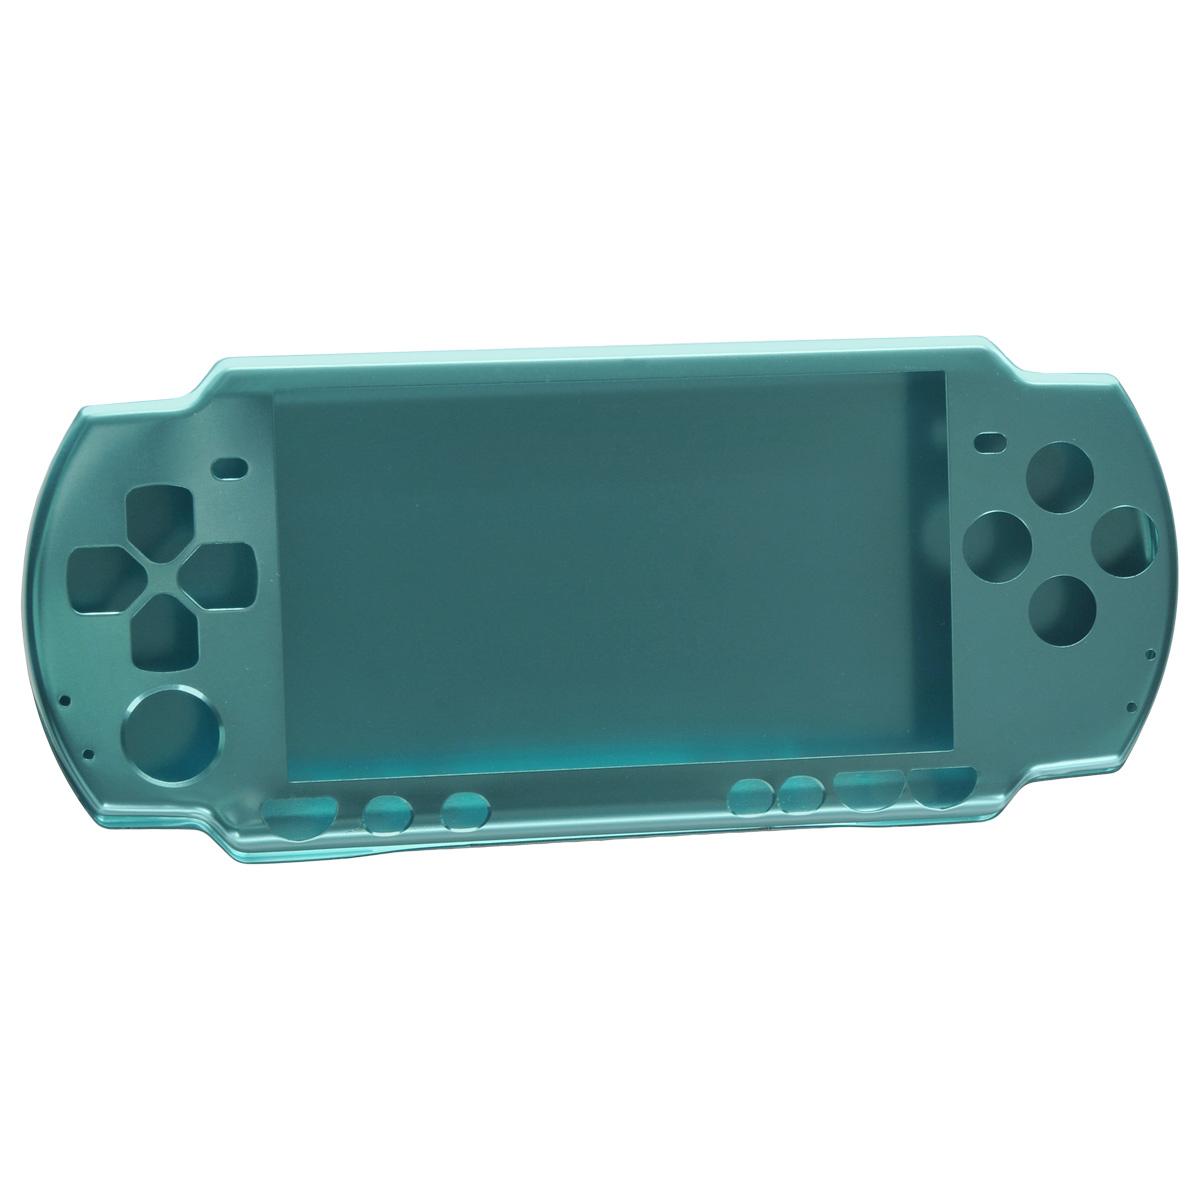 Алюминиевый защитный корпус Game Guru для Sony PSP 2000/3000 (голубой)